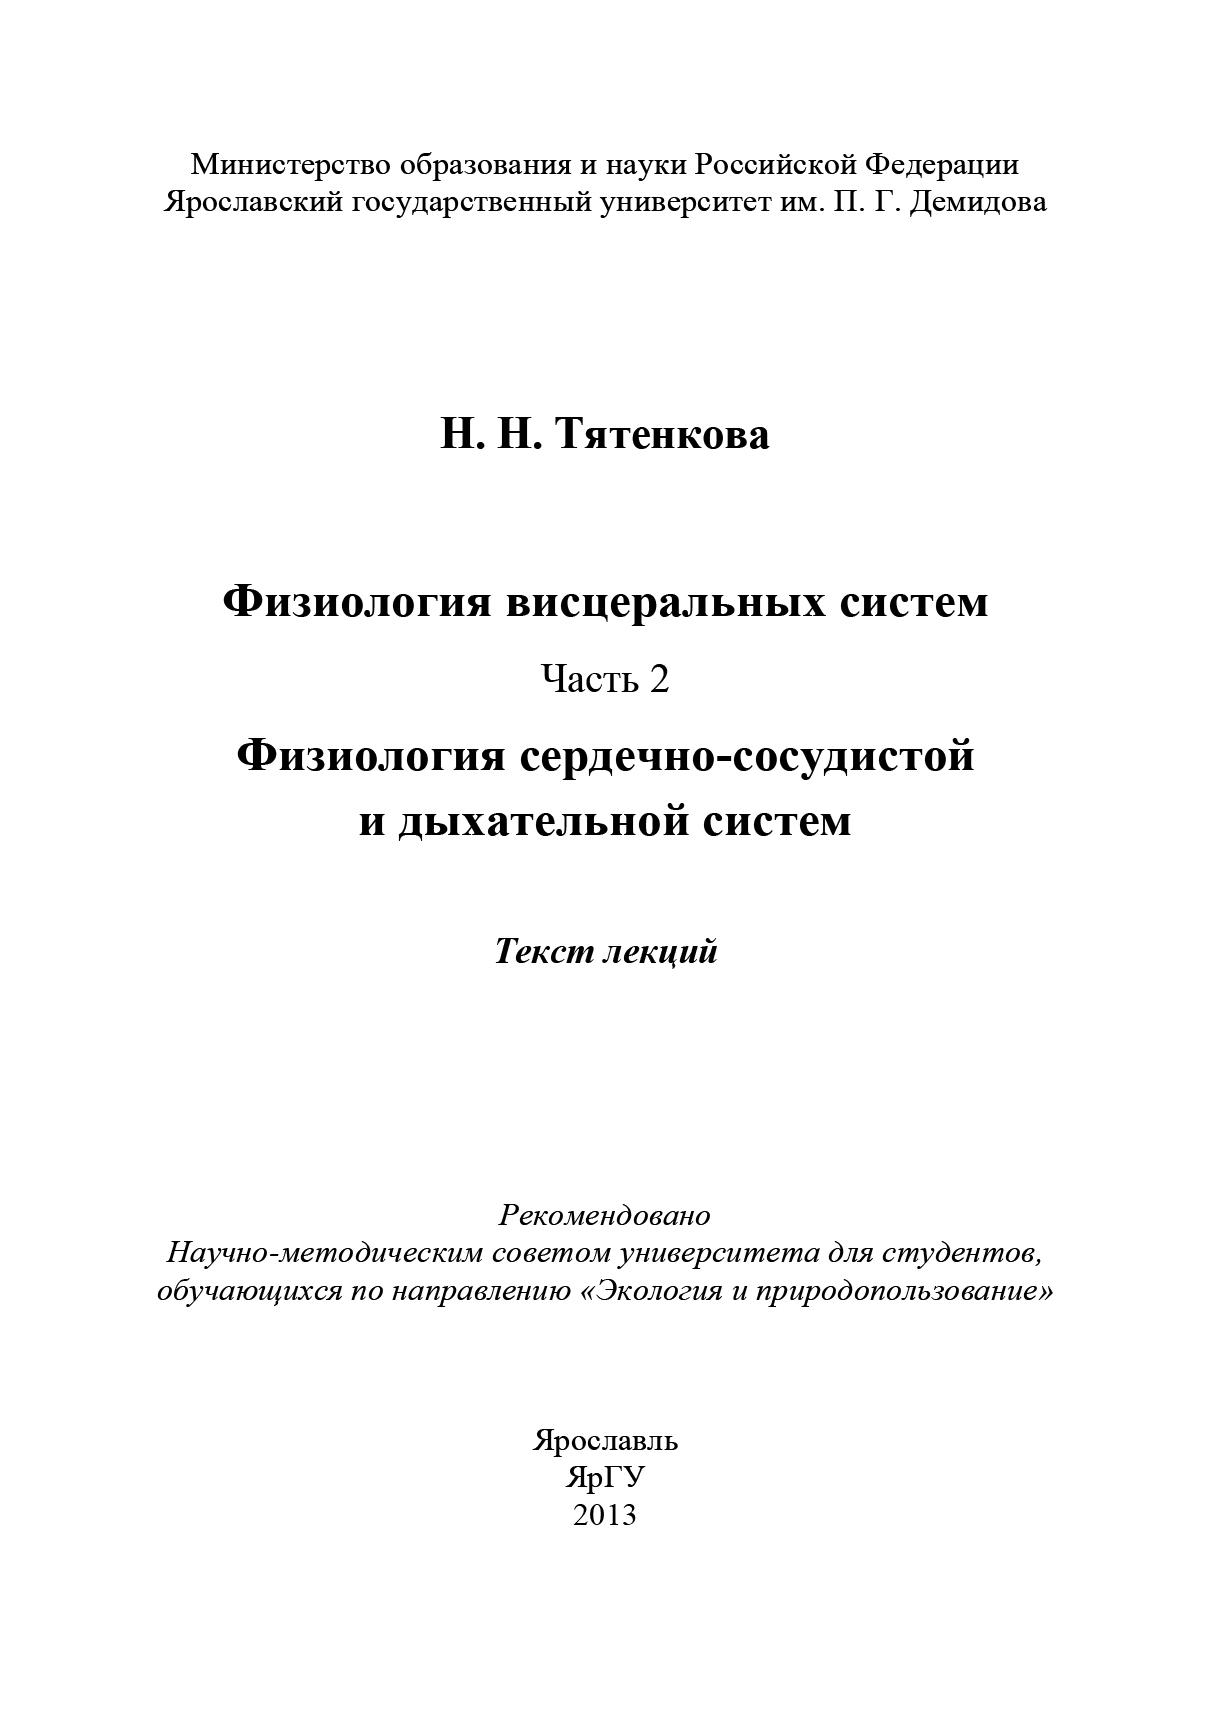 Н. Н. Тятенкова Физиология висцеральных систем. Часть 2. Физиология сердечно-сосудистой и дыхательной систем